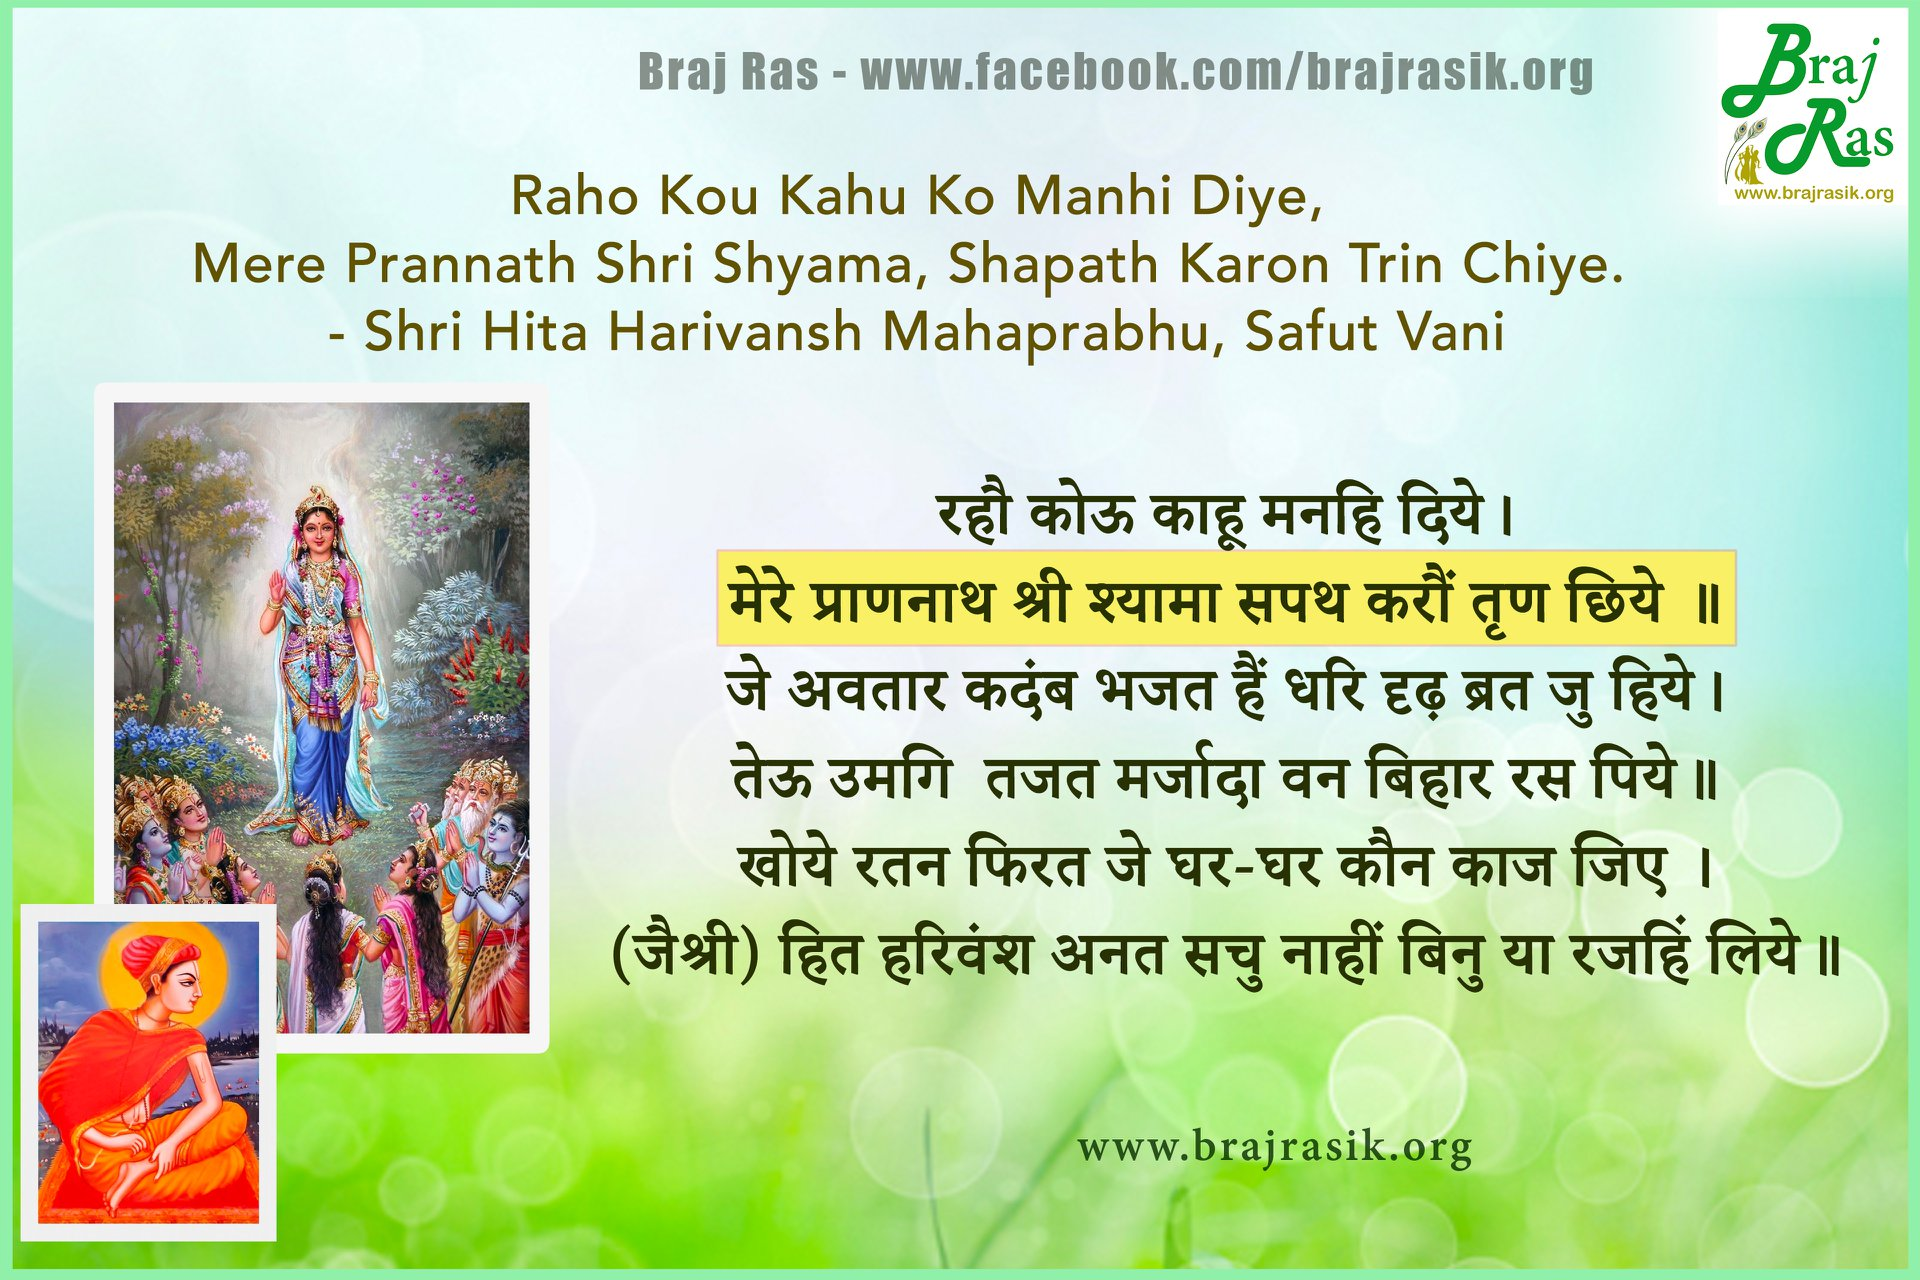 """""""Raho Kou Kahu Manhi Diye, Mere Prannath Shri Shyama Sapath Karon Trin Chiye."""" - Shri Hita Safut Vani (20)"""